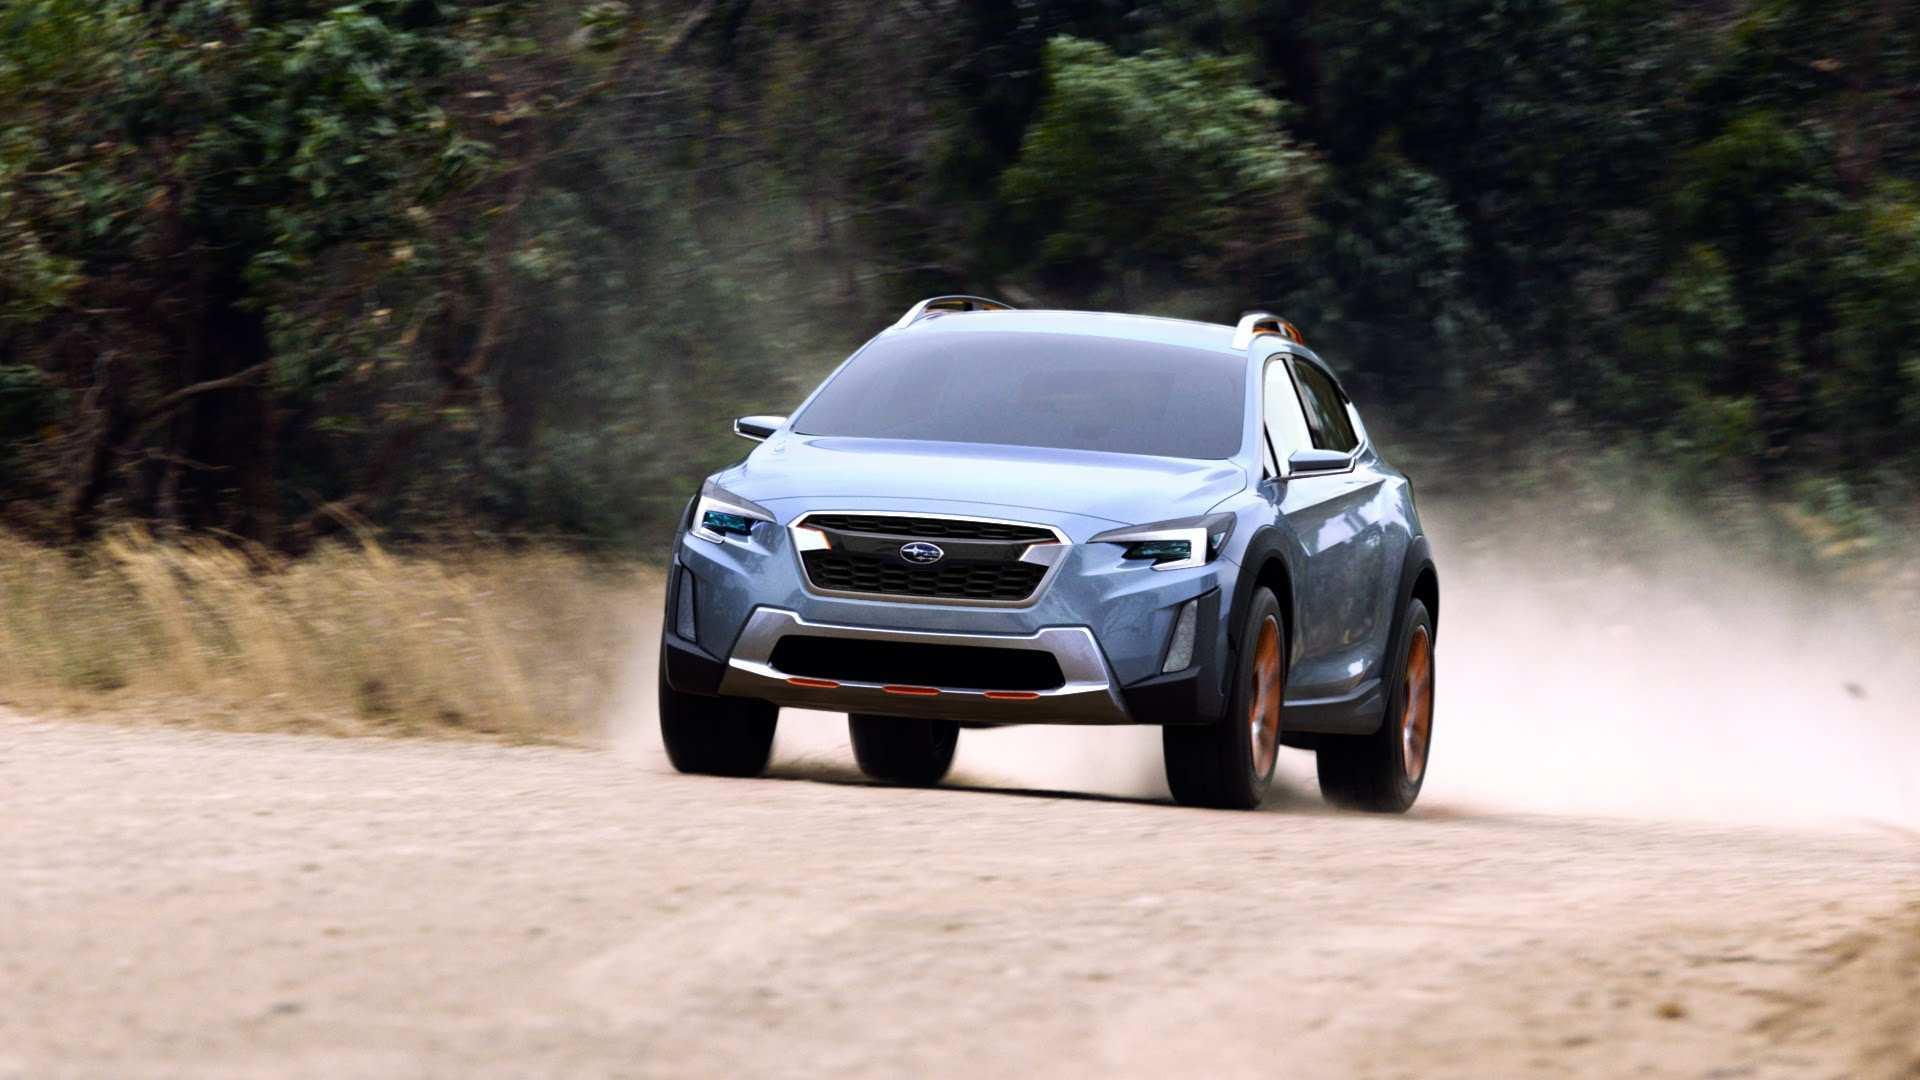 35 New New Subaru Crosstrek 2019 Review Redesign And Concept Redesign and Concept with New Subaru Crosstrek 2019 Review Redesign And Concept